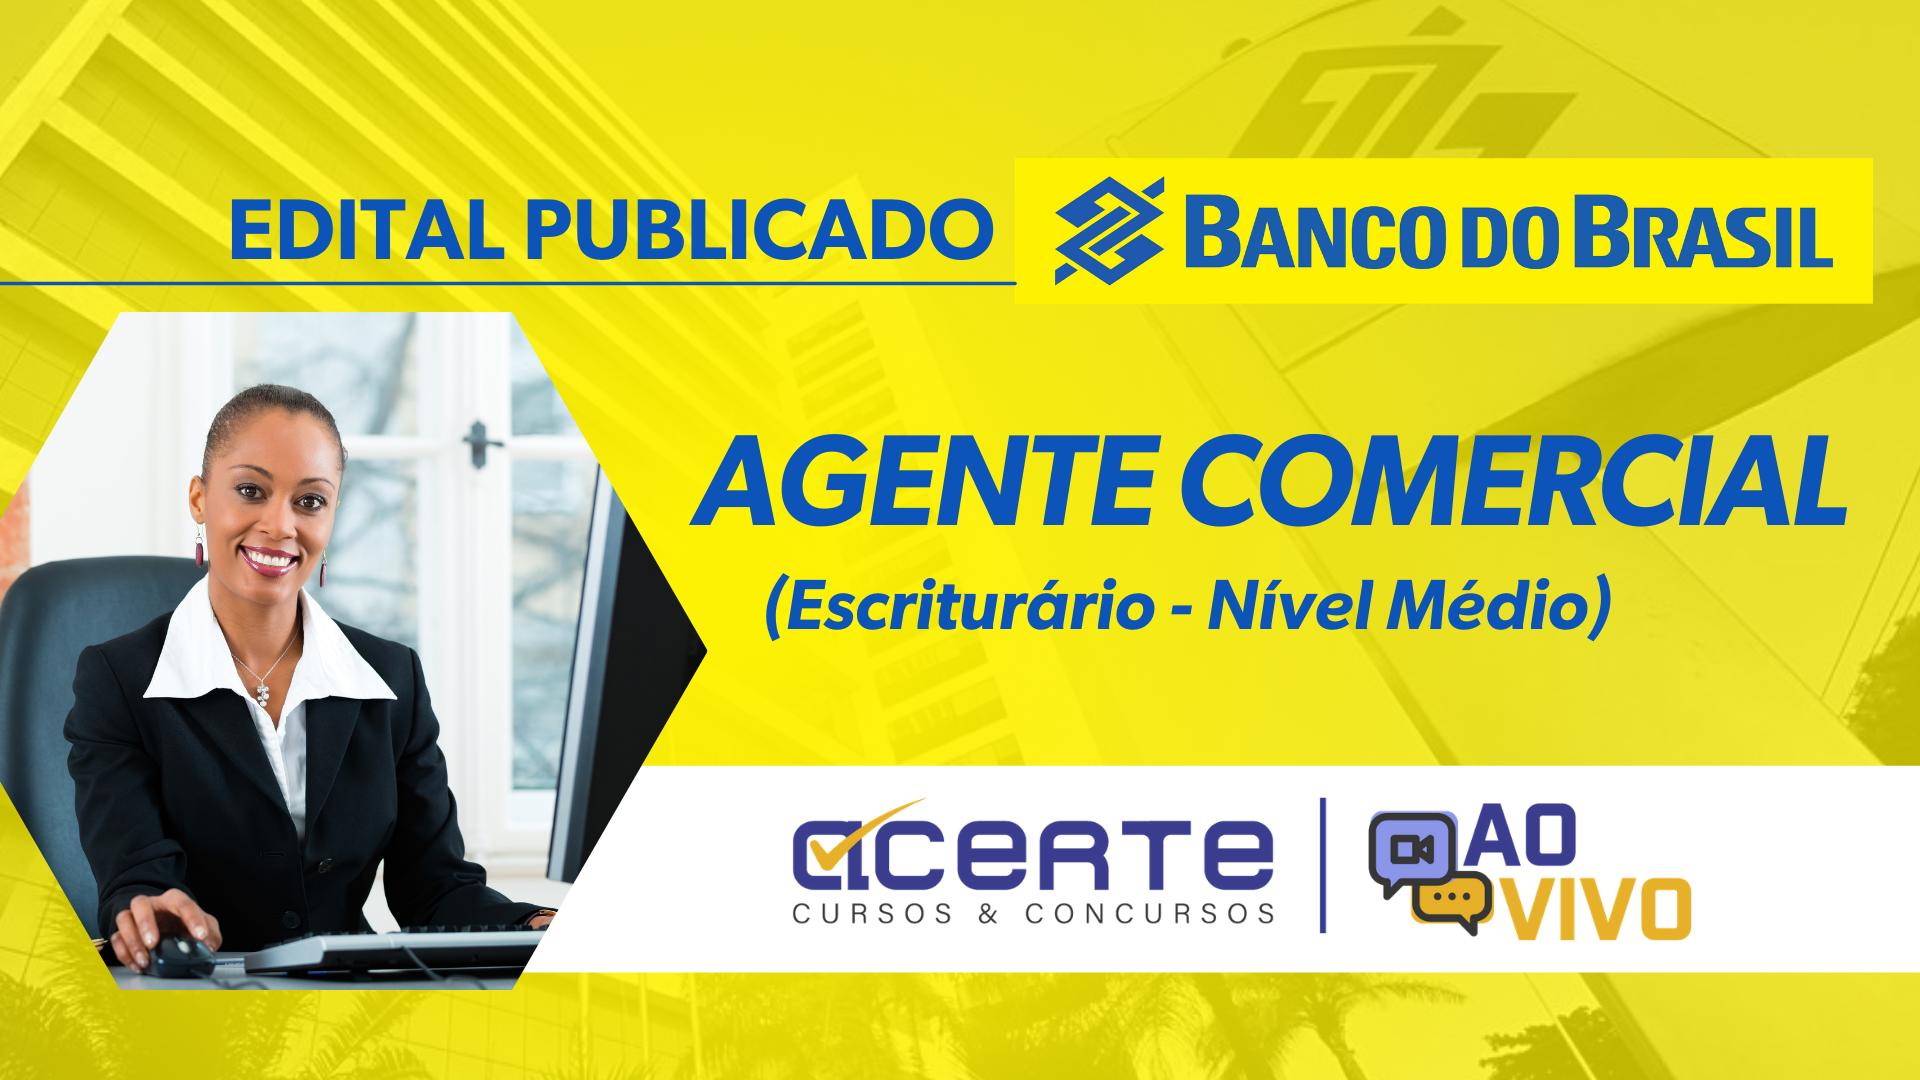 BB - Agente Comercial - AO VIVO - Noturno